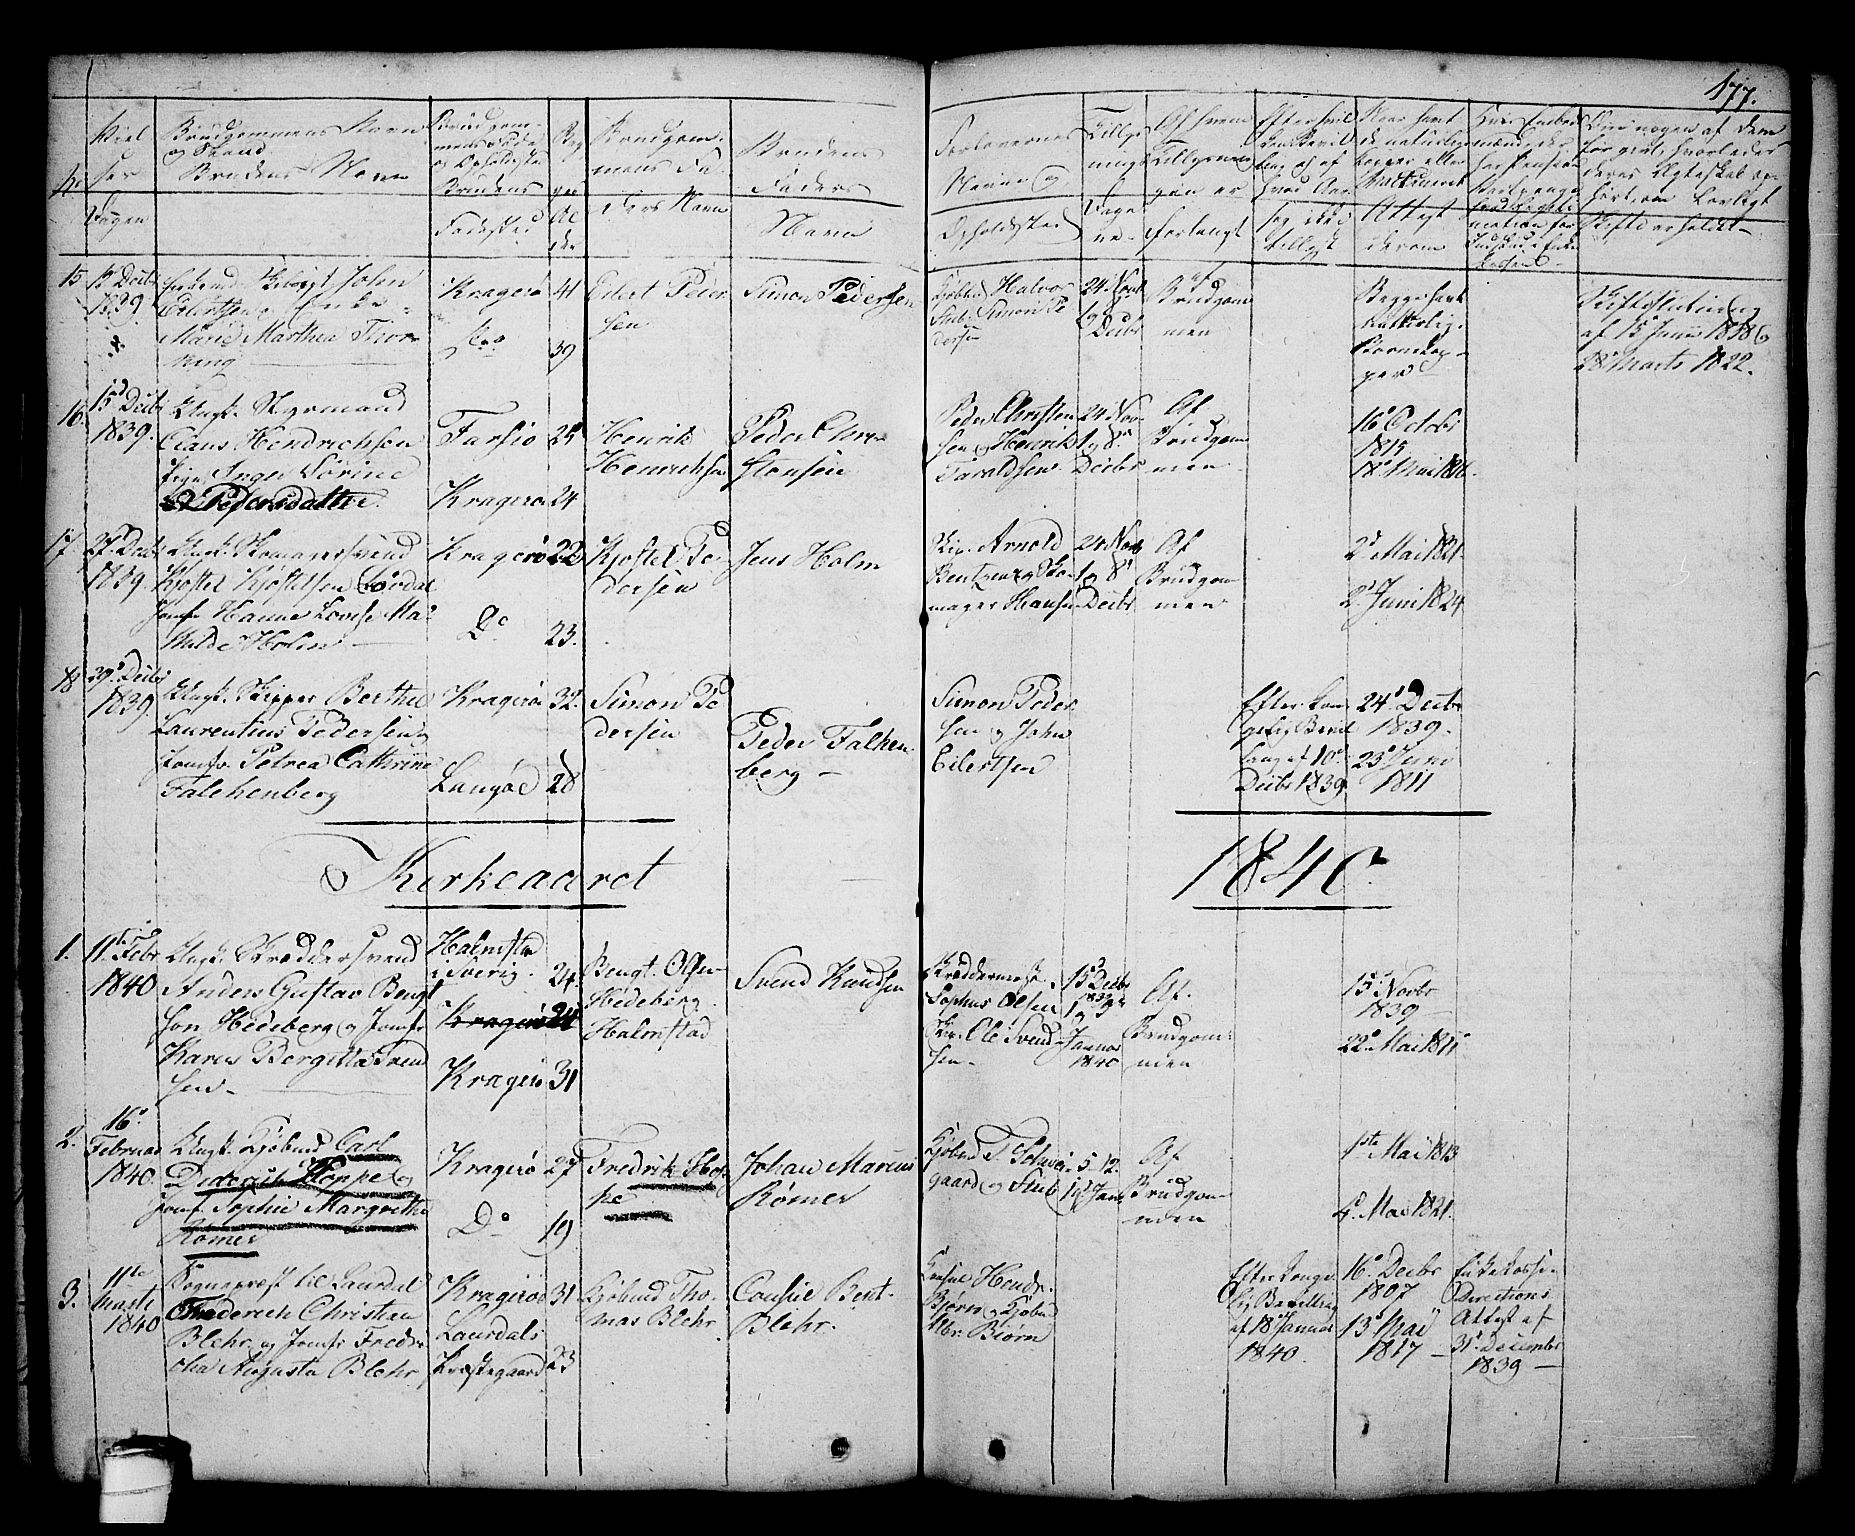 SAKO, Kragerø kirkebøker, G/Ga/L0003: Klokkerbok nr. 3, 1832-1852, s. 177